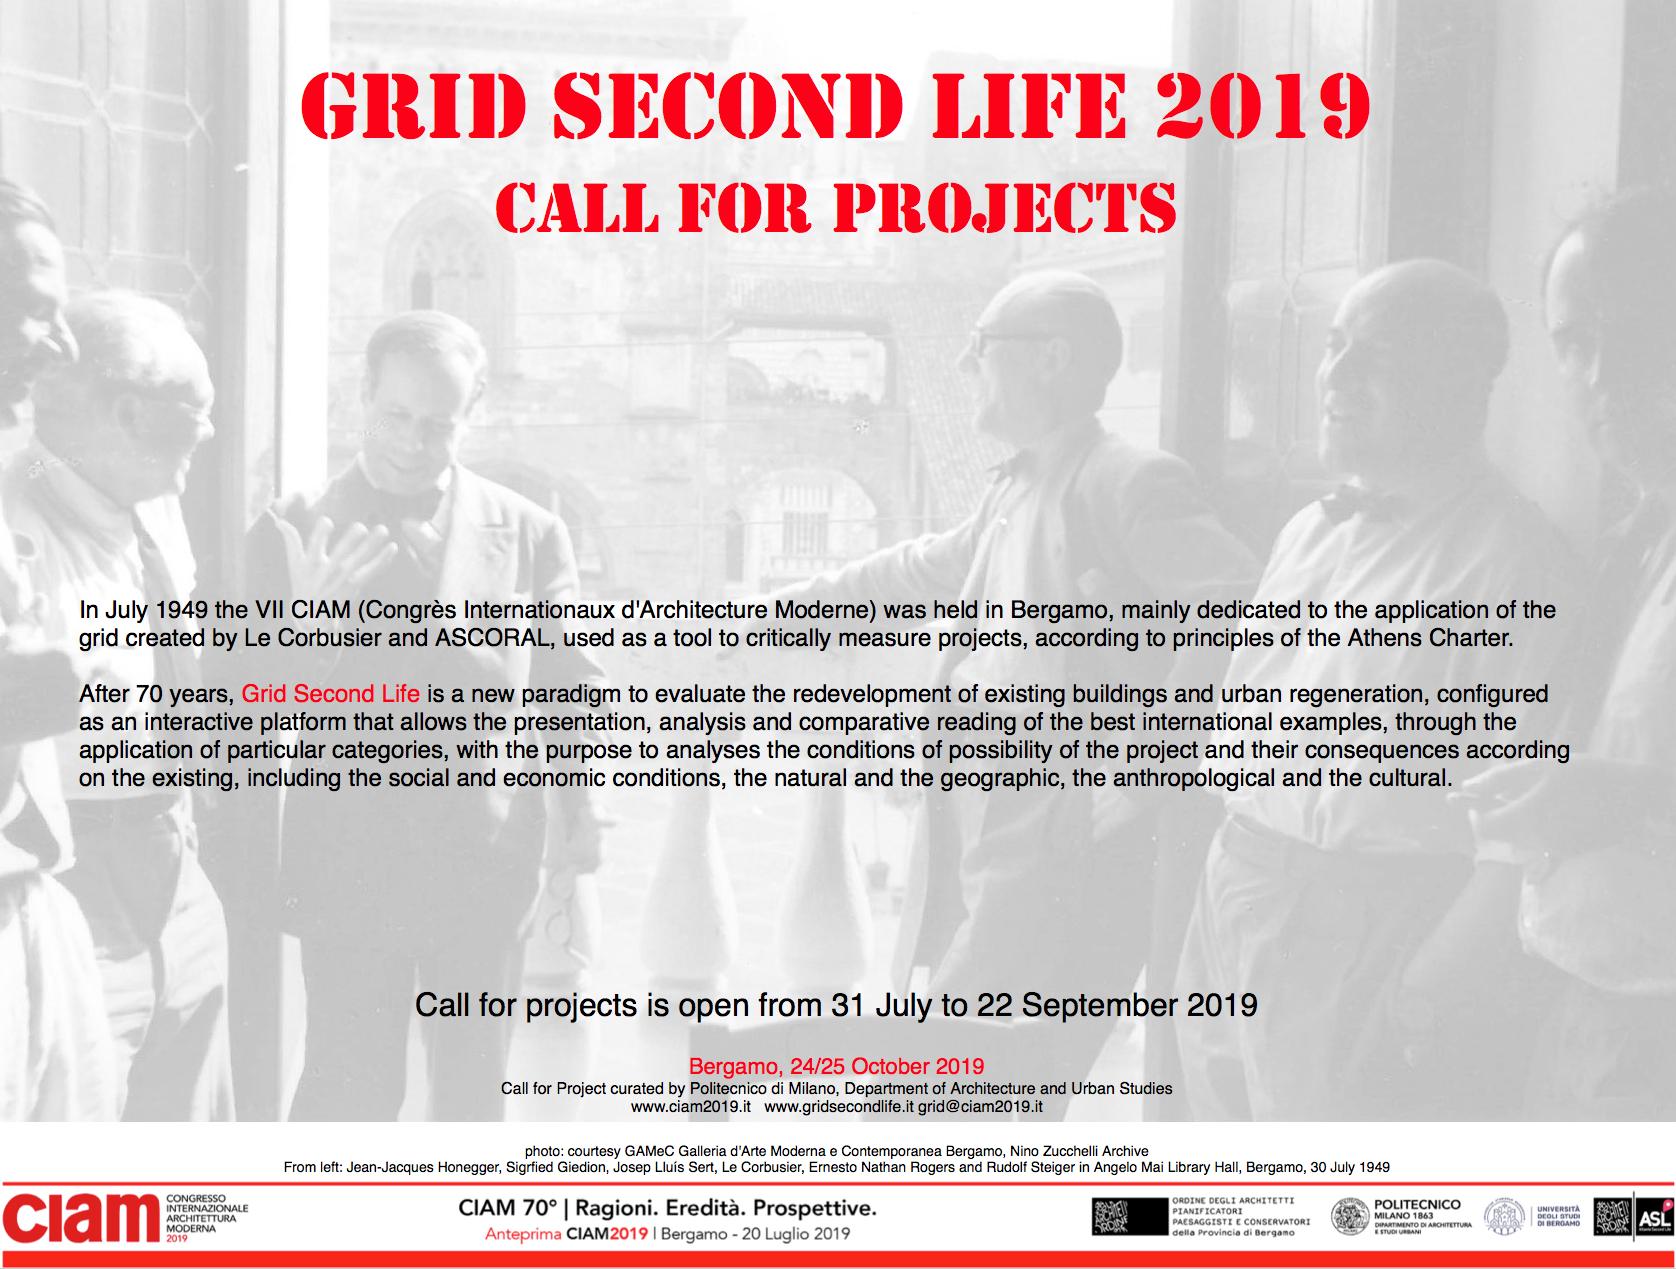 Offerte Lavoro Architetto Bergamo grid second life. si cercano progetti di recupero da